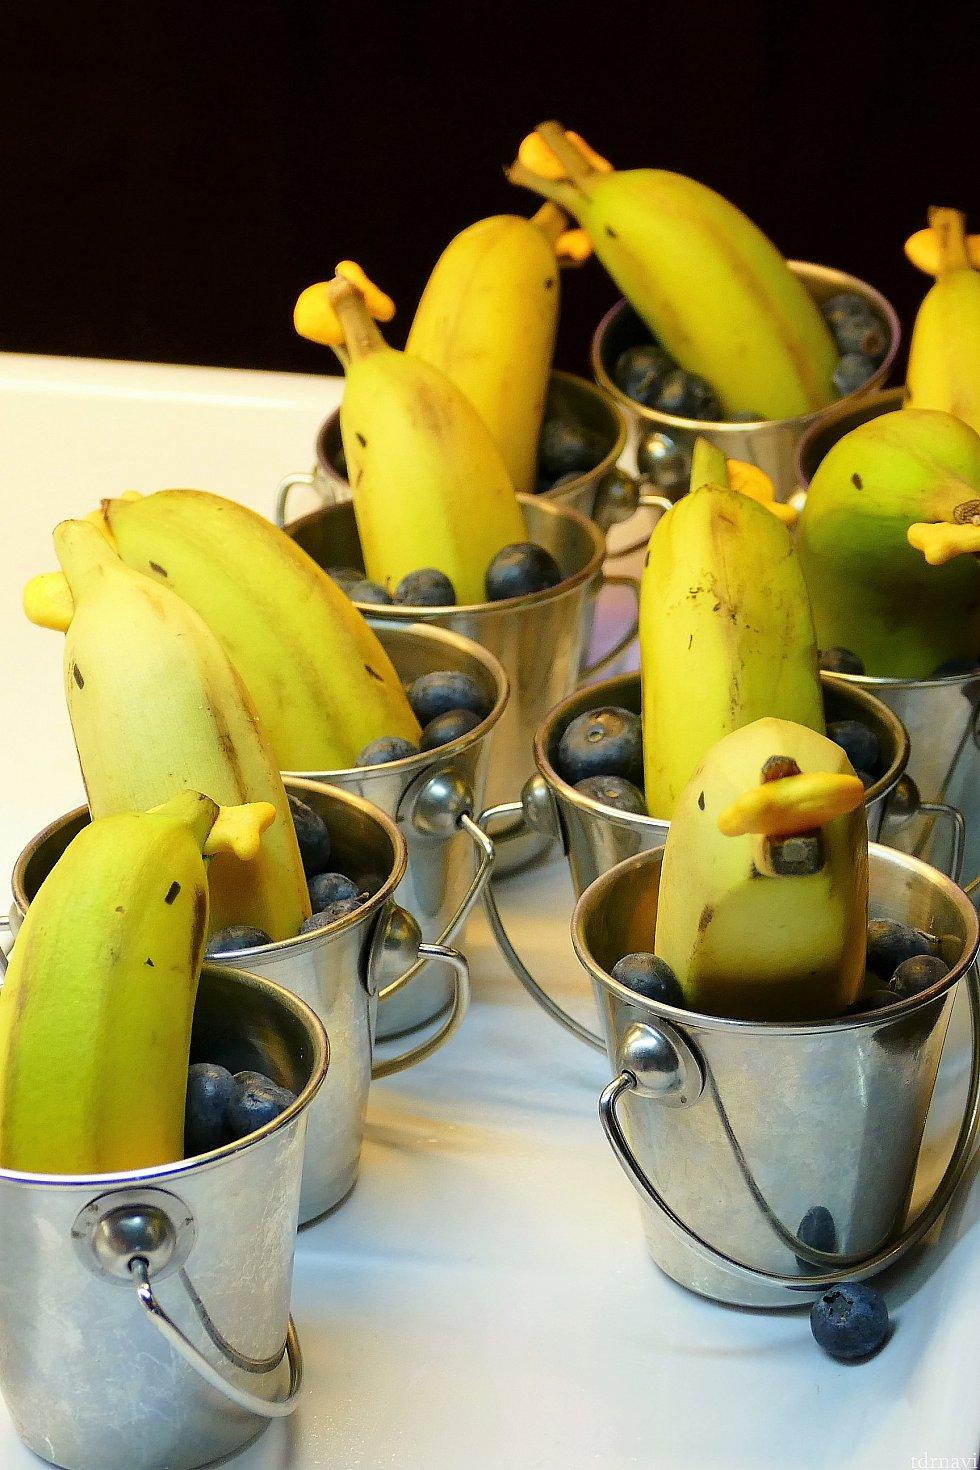 そして今回一番かわいかったのが、こちらのイルカちゃん!ではなく、バナナ(笑)